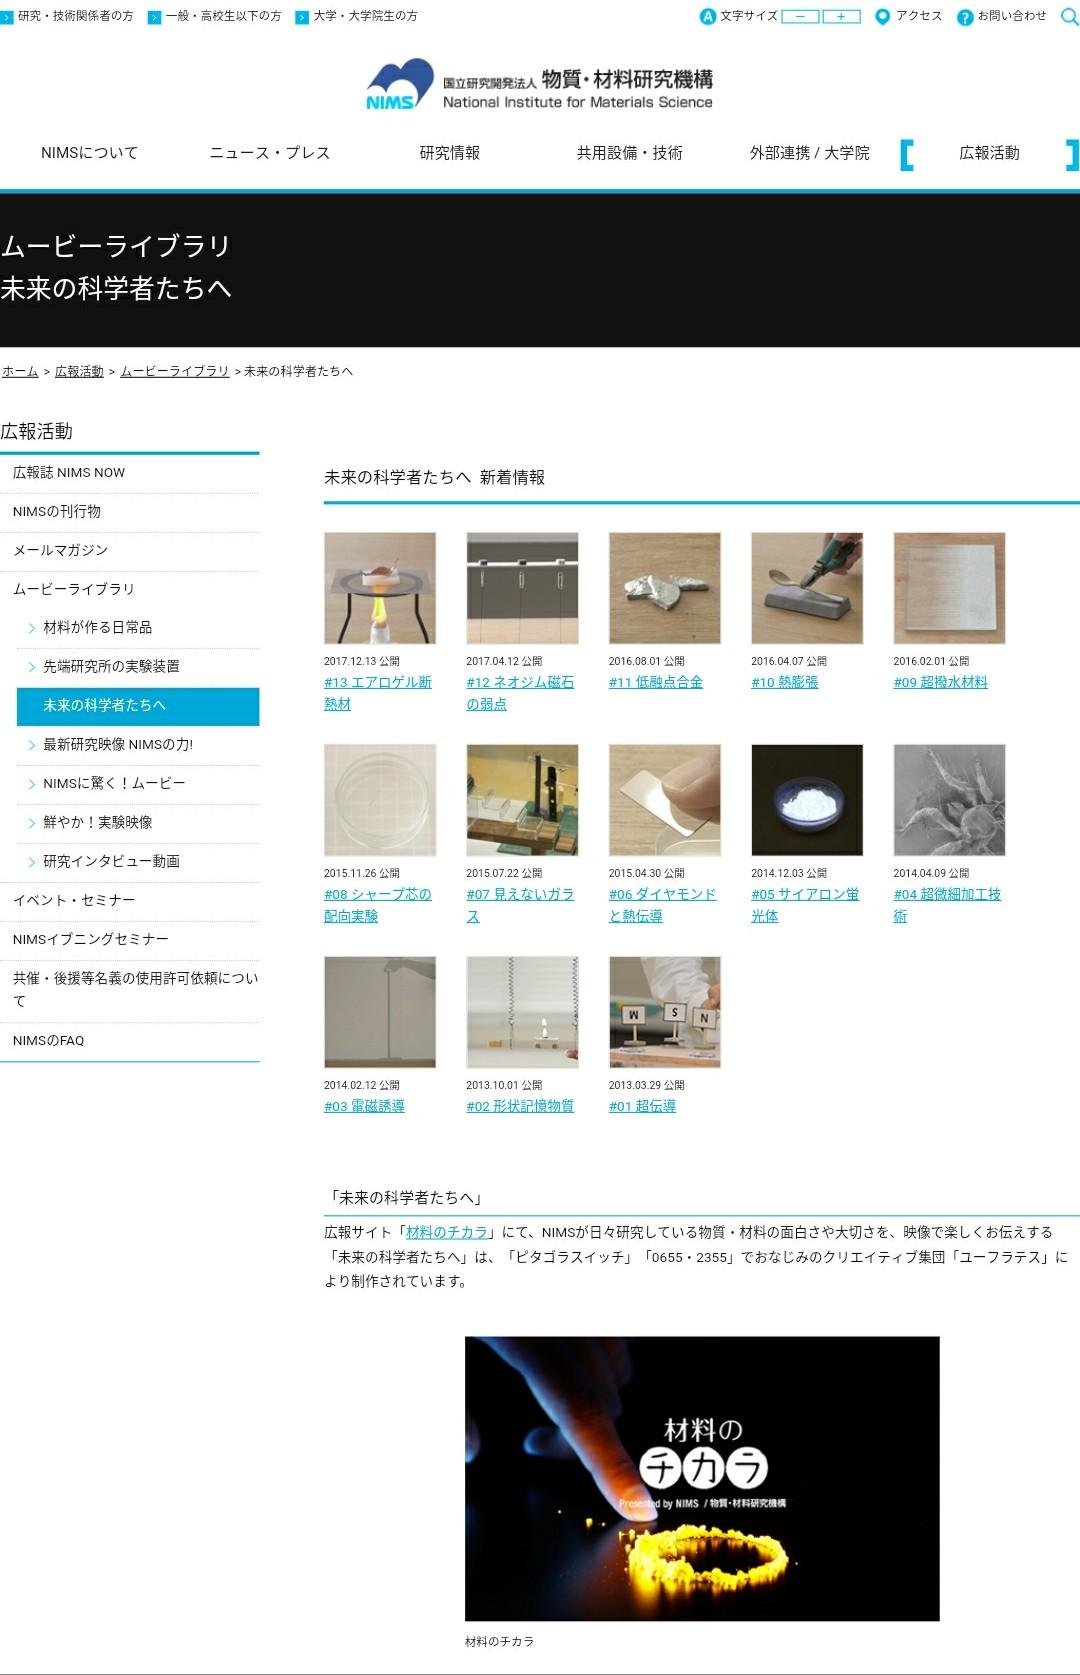 国立研究開発法人 物質・材料研究機構のホームページを授業で活用